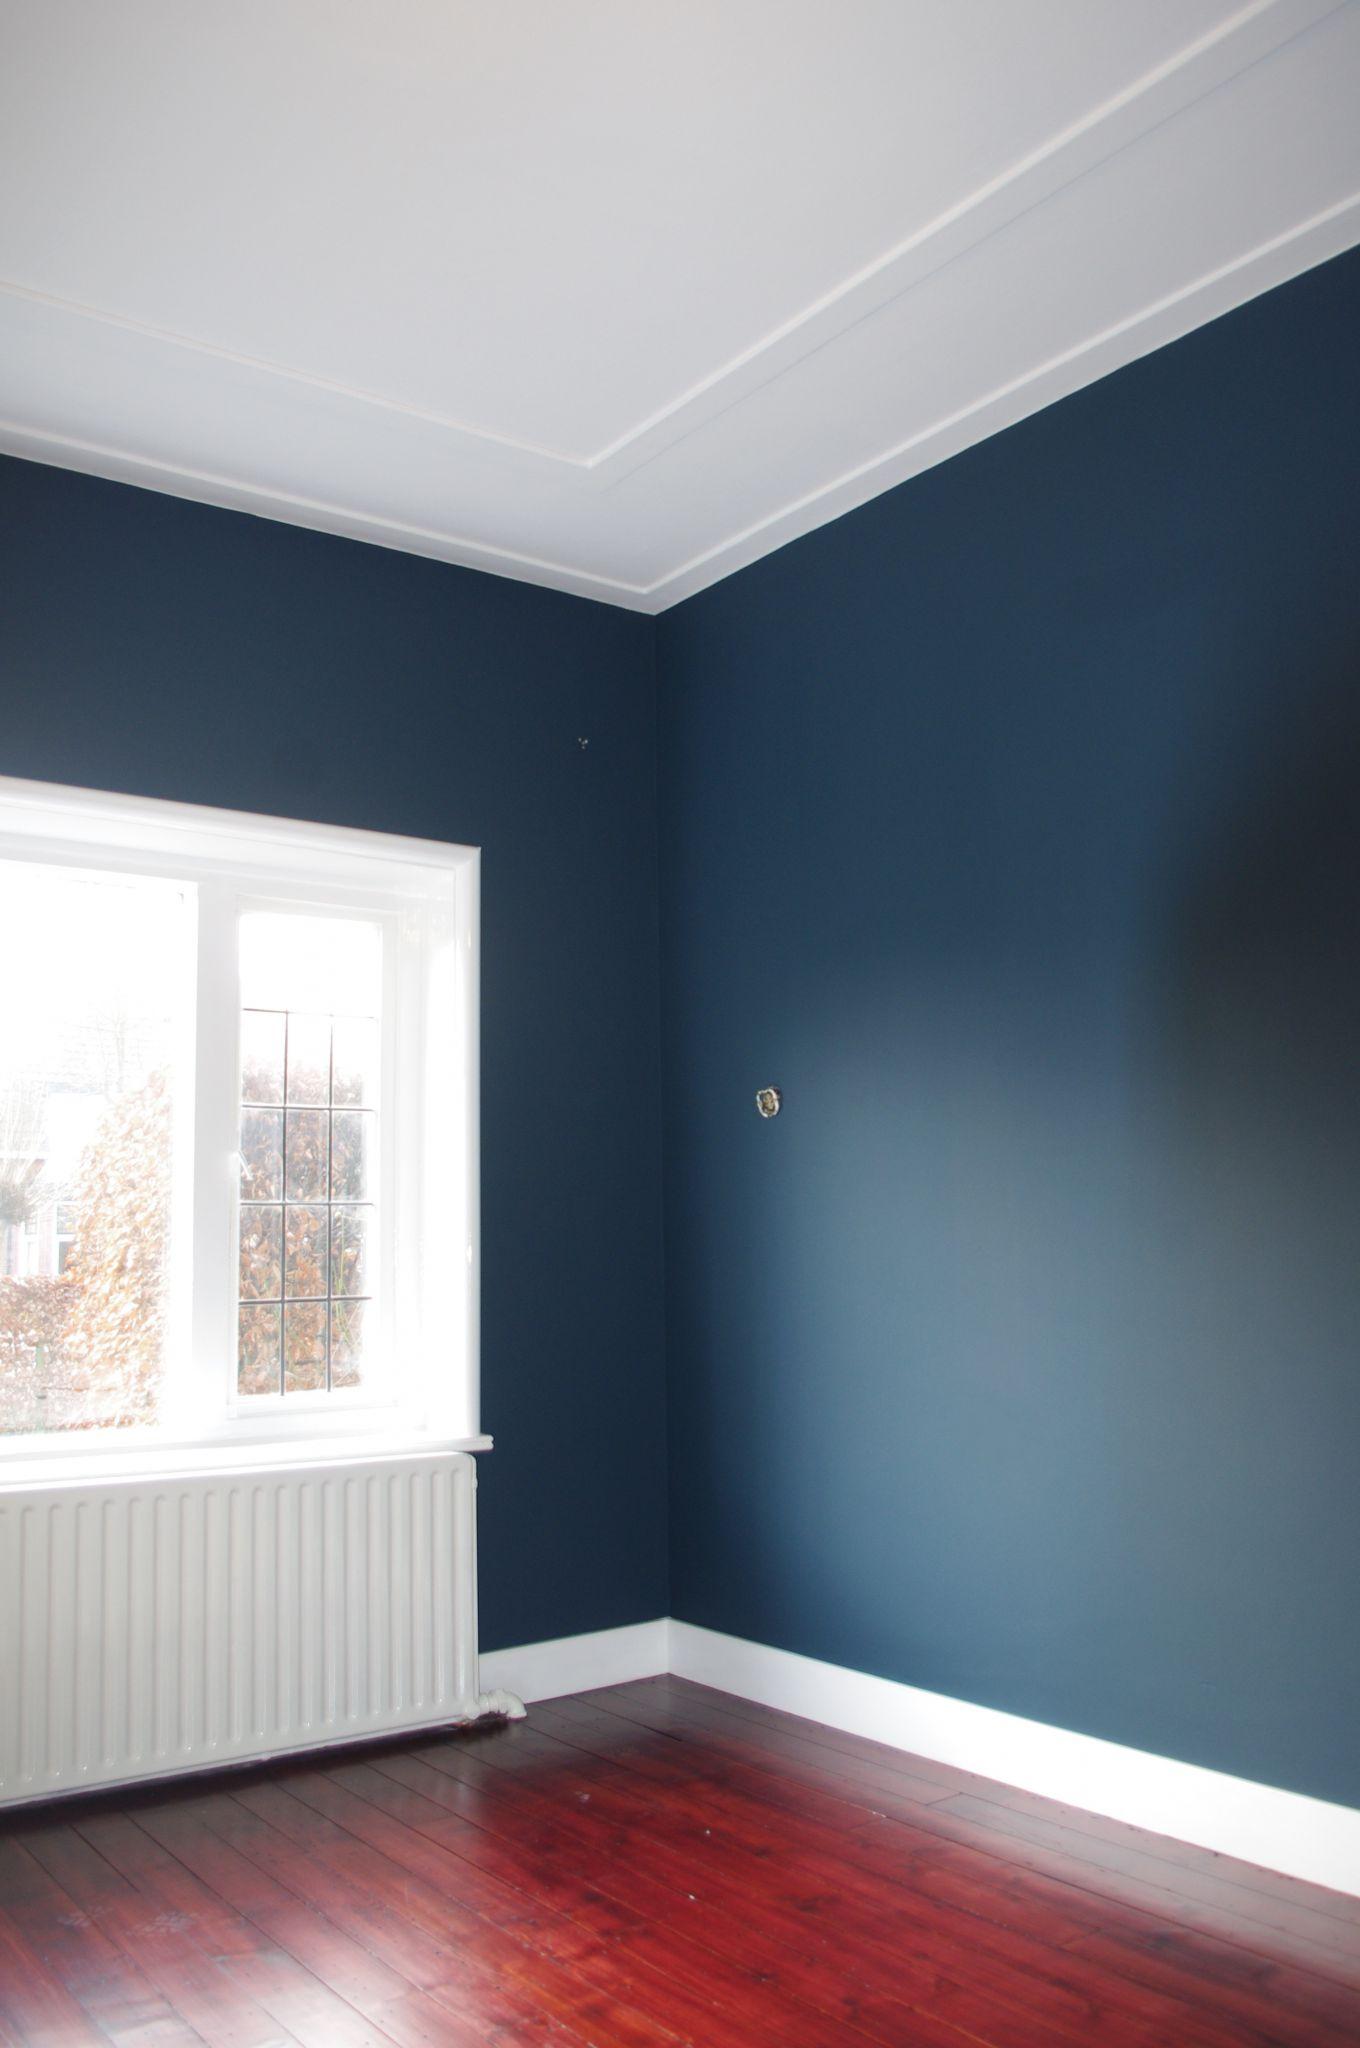 Molenweg 34 te haren walter hoogesteger schilders - Kleur moderne woonkamer ...